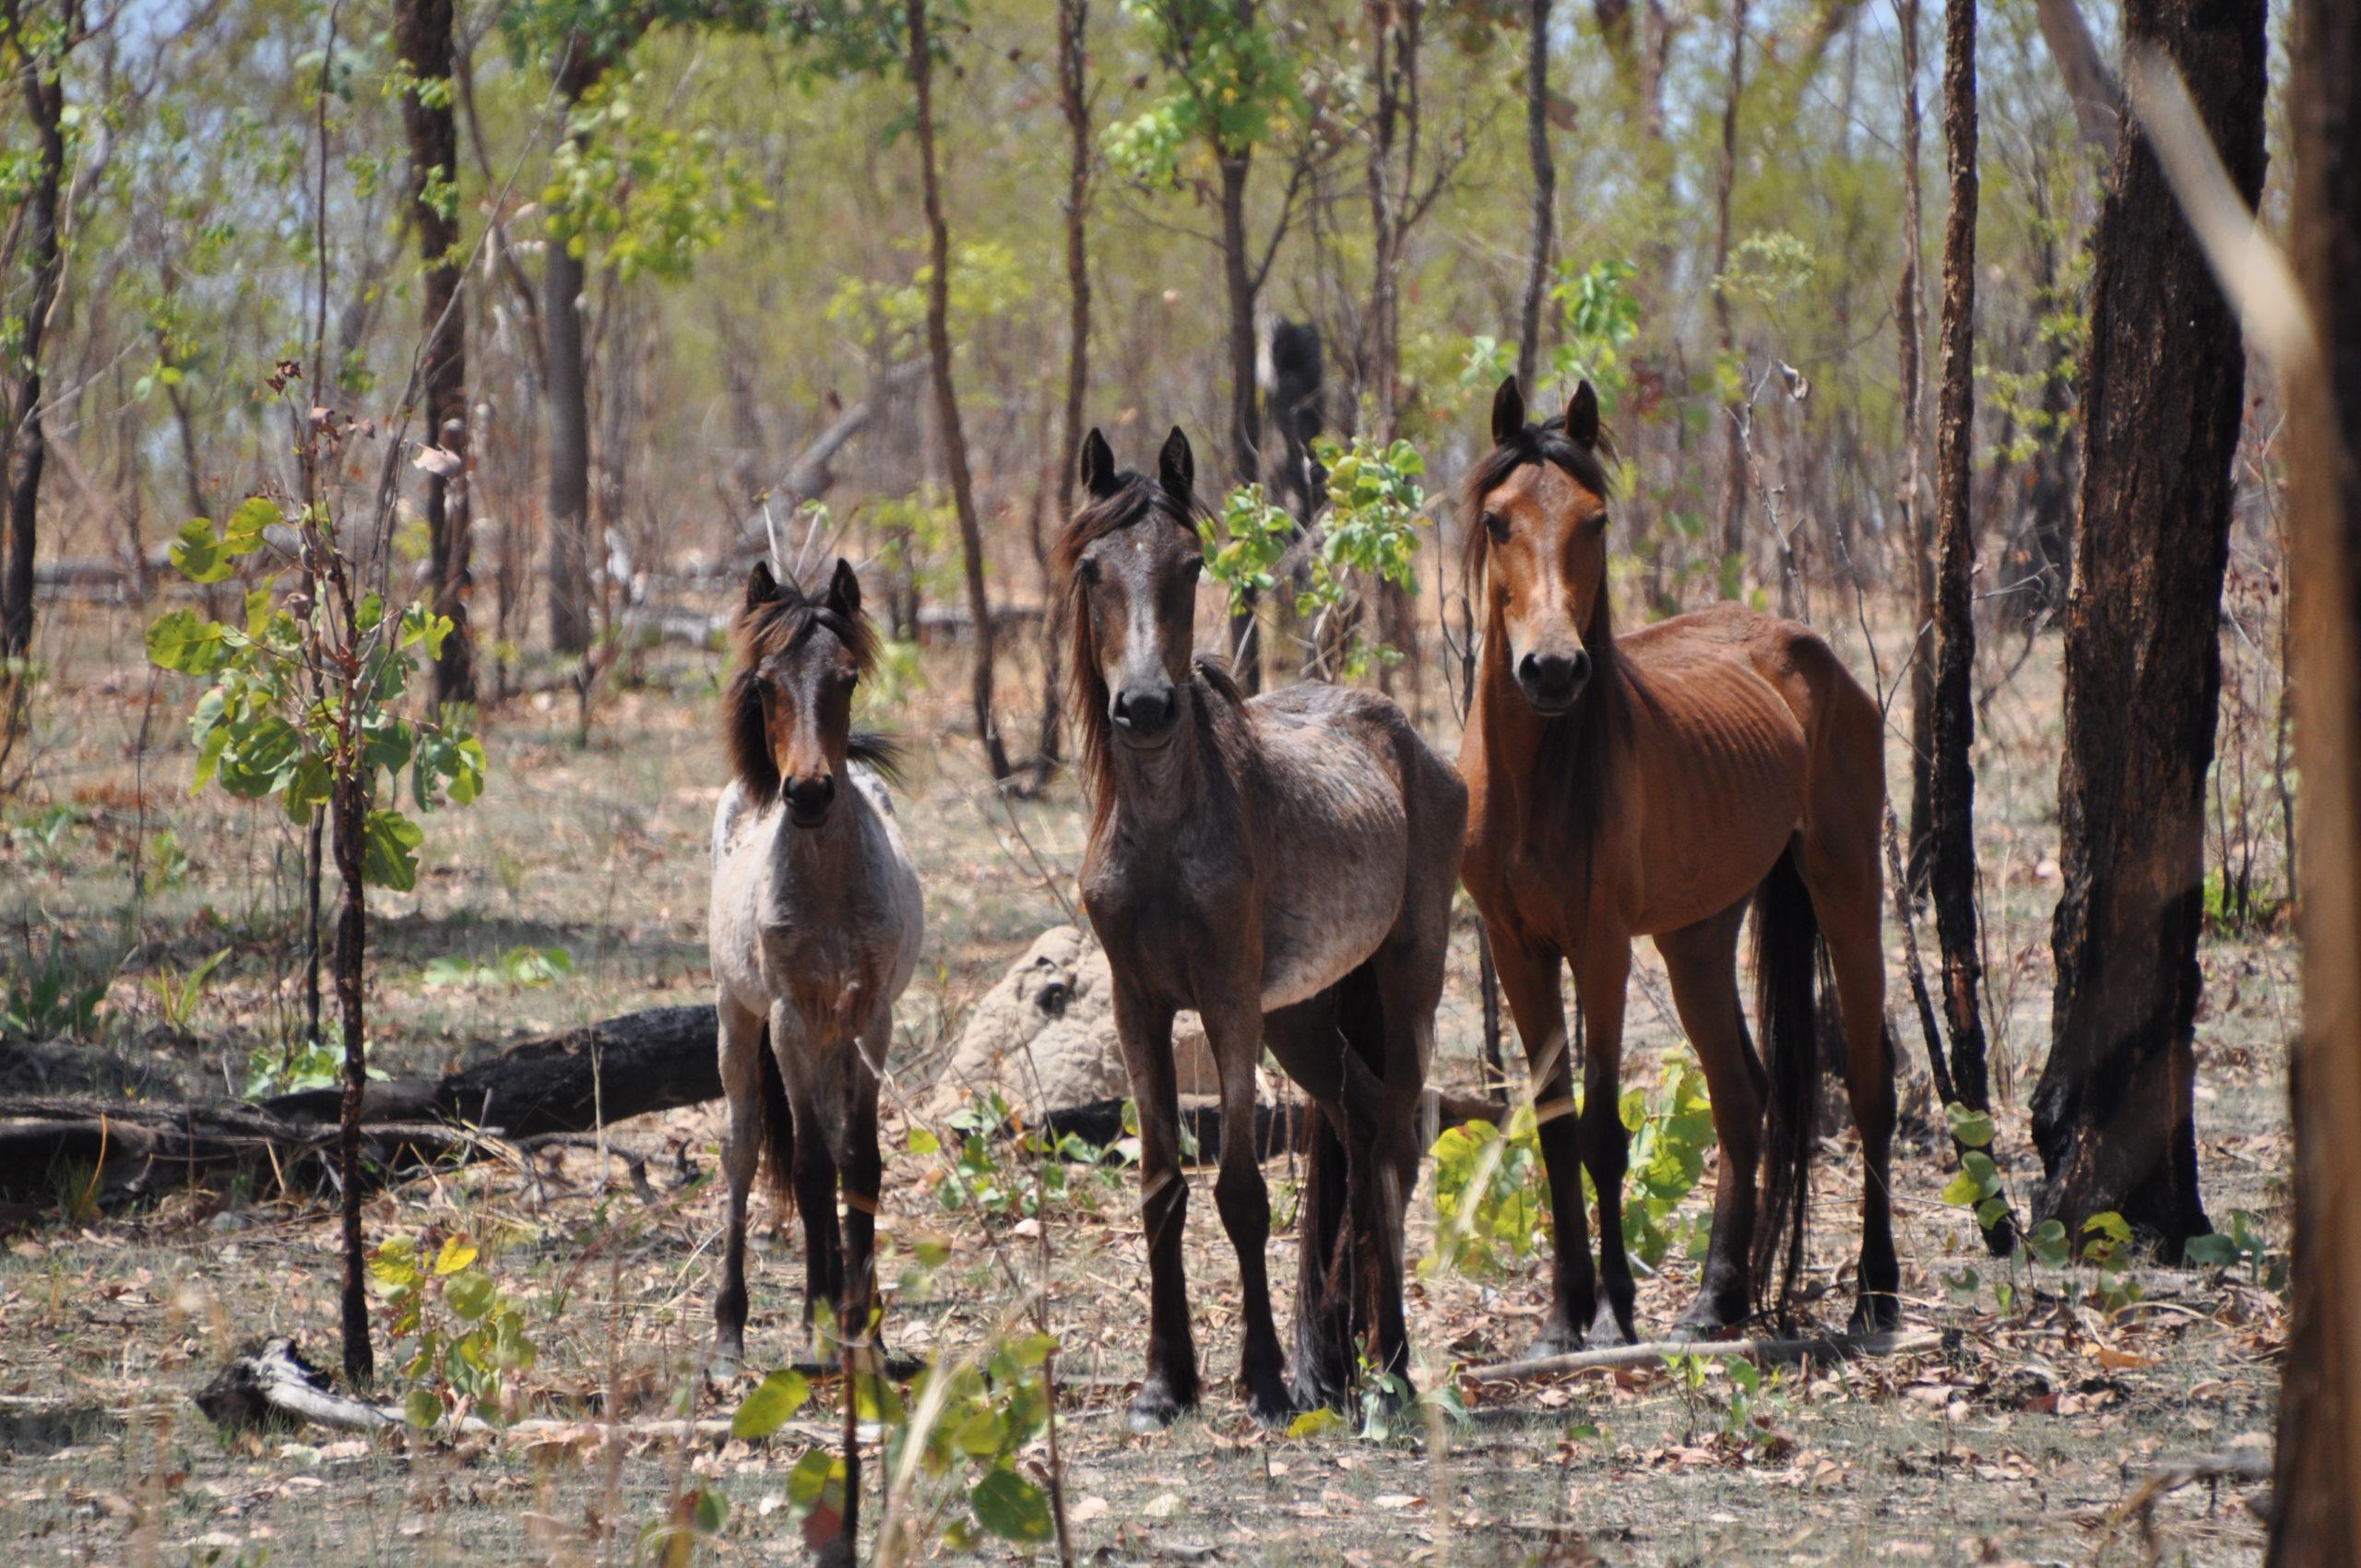 Franz Weber Territory - Réserve de chevaux sauvages en Australie